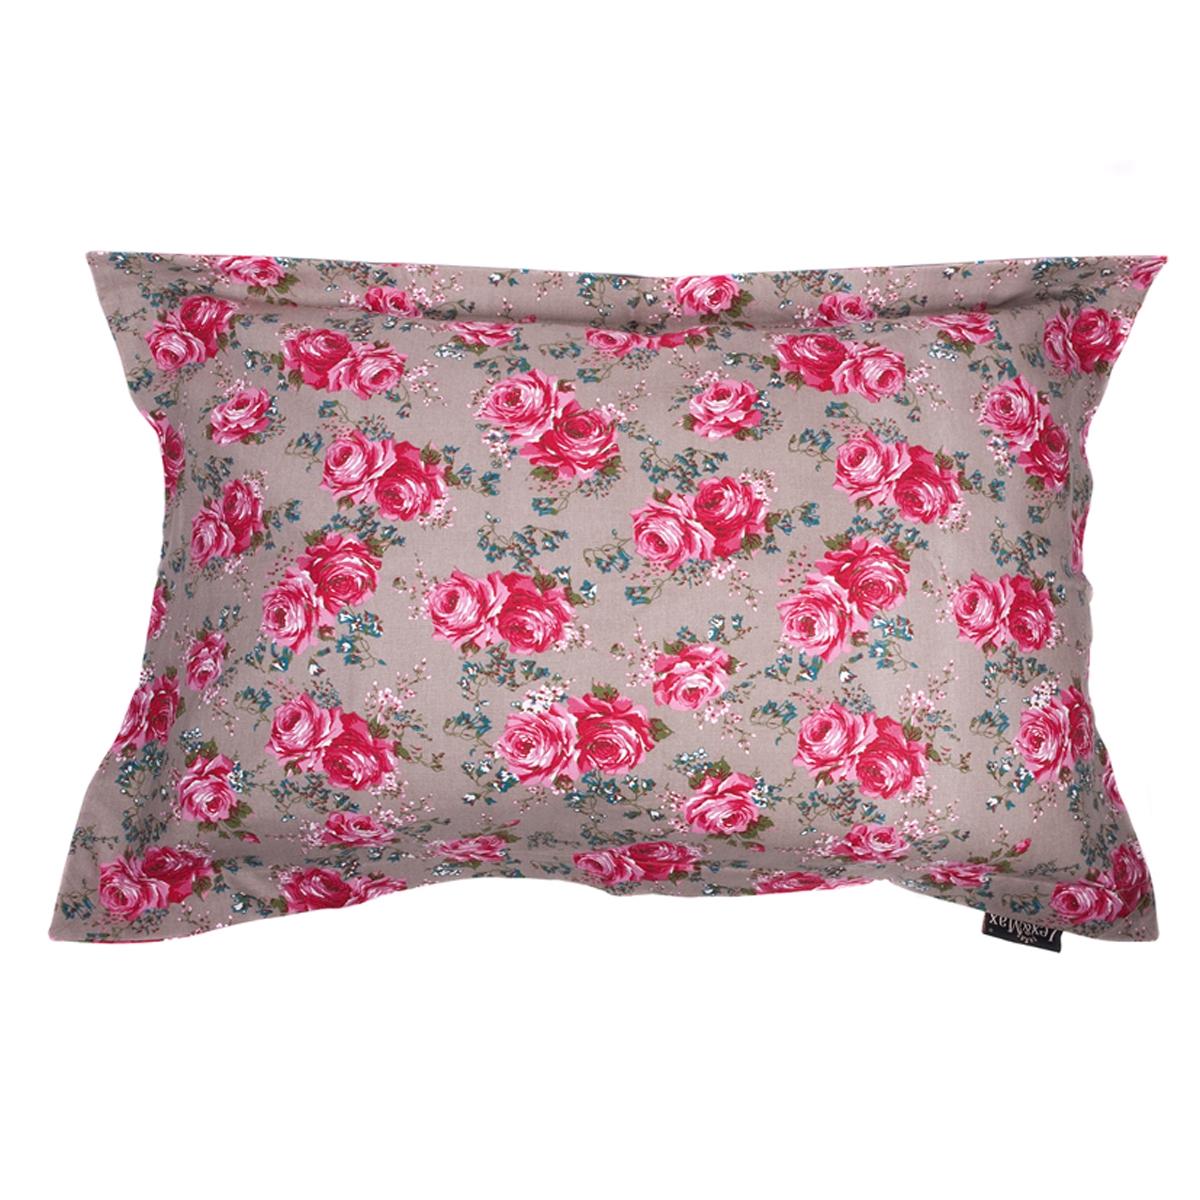 Productafbeelding voor 'Kussen rosemary kiezel'